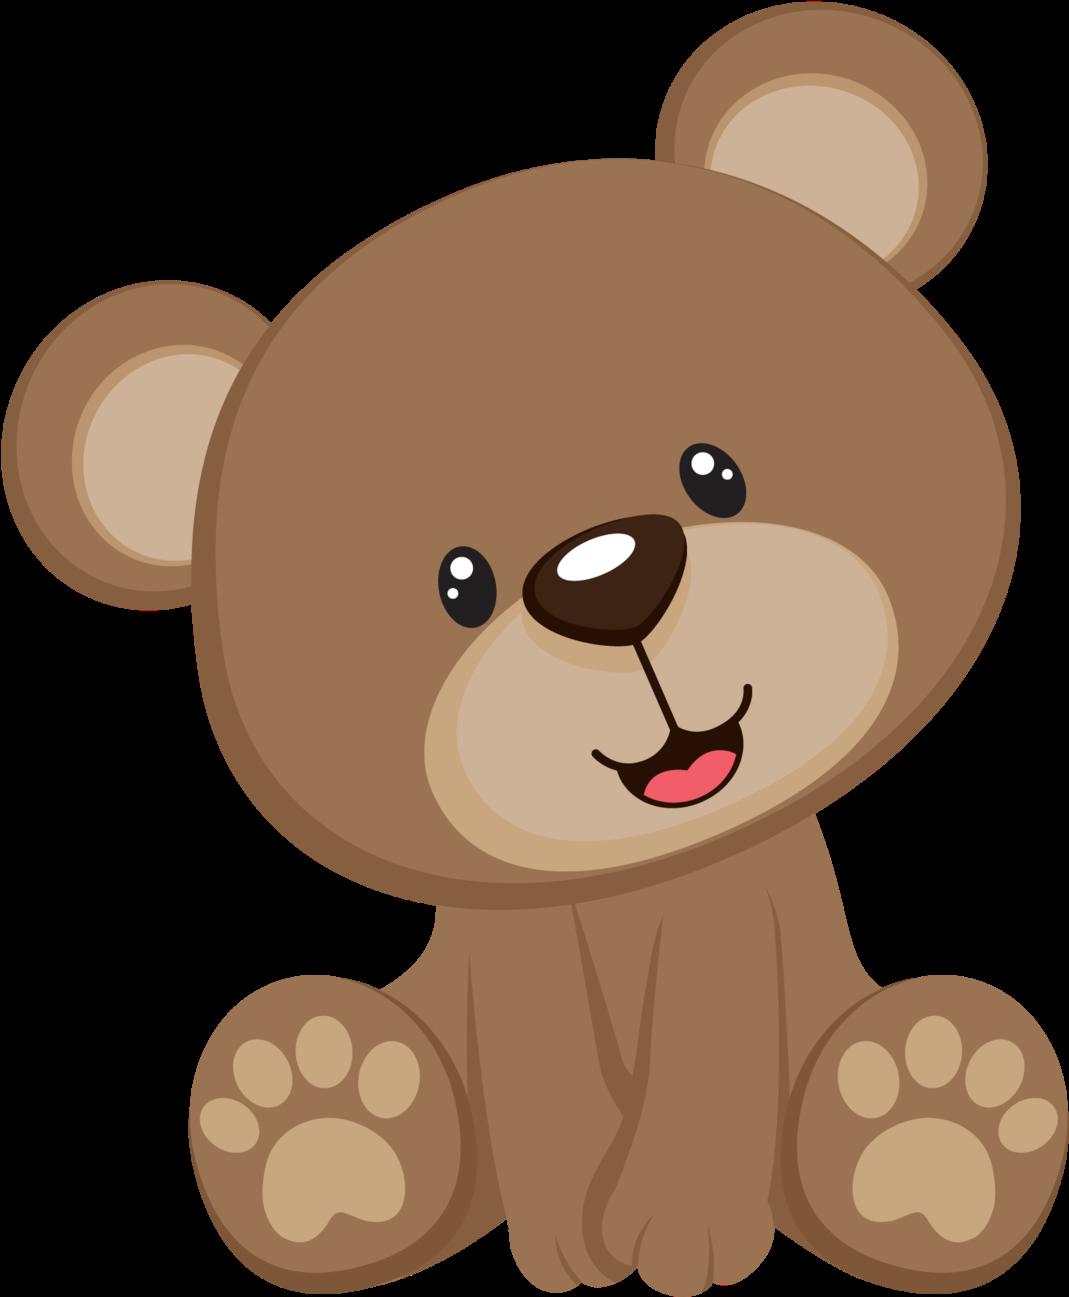 babyteddybear | teddy bear images, teddy bear clipart, teddy bear pictures  pinterest